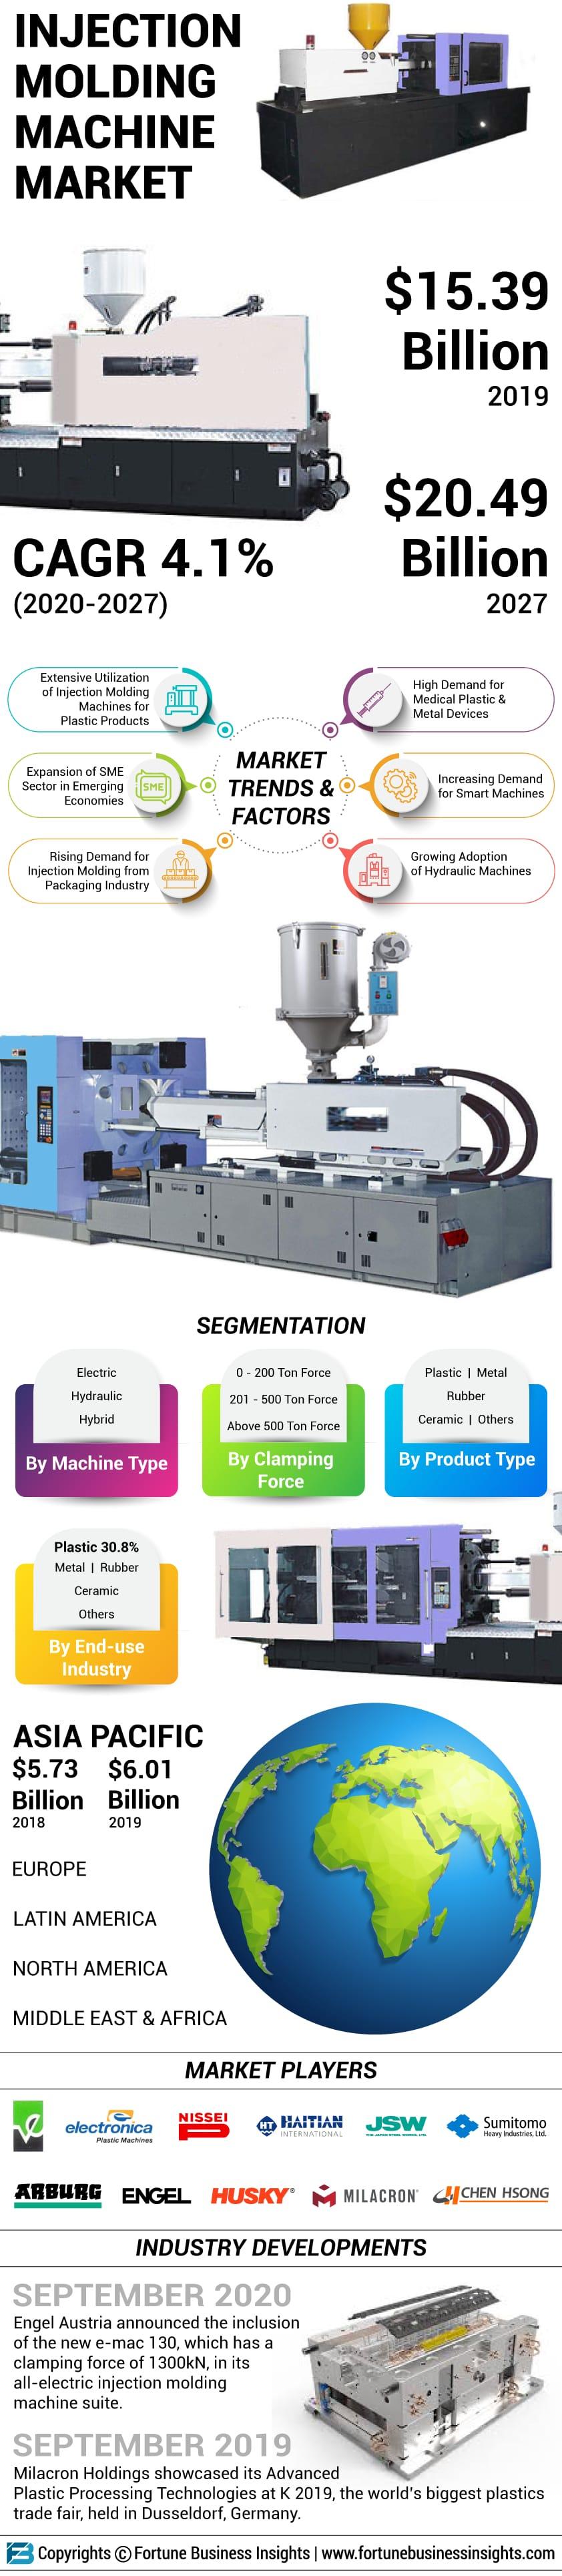 Injection Molding Machine Market